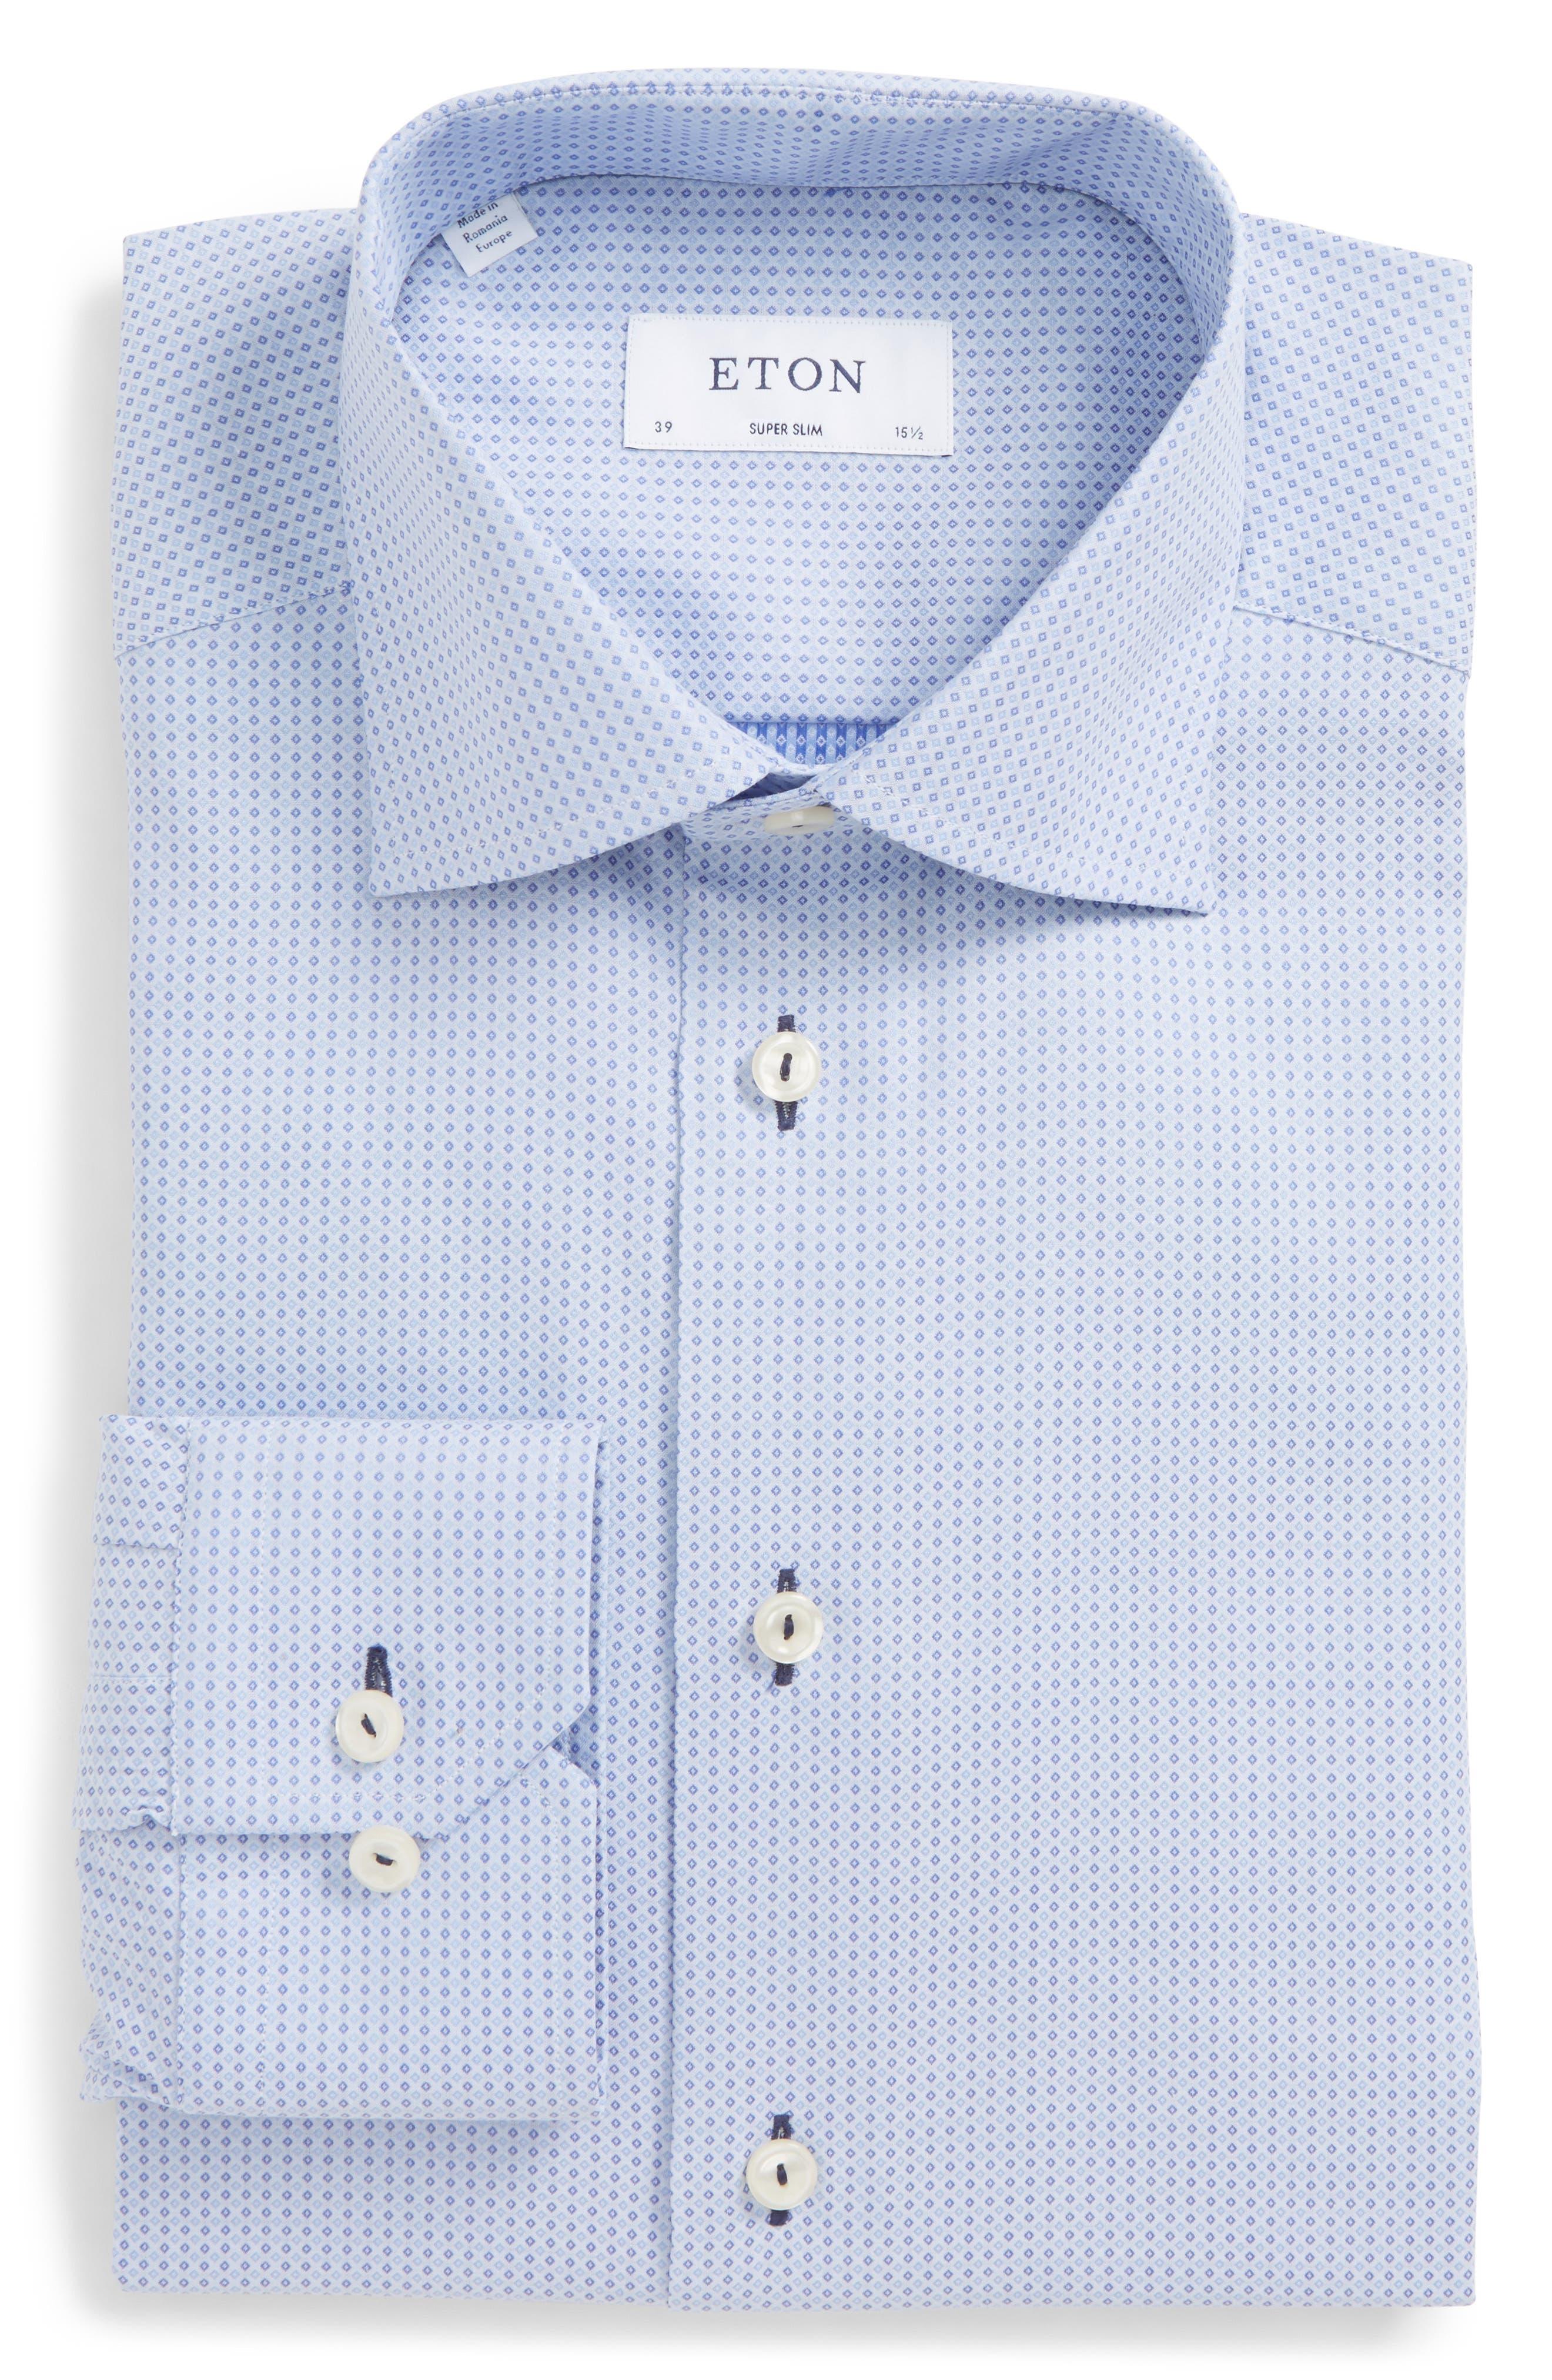 Main Image - Eton Super Slim Fit Grid Dress Shirt